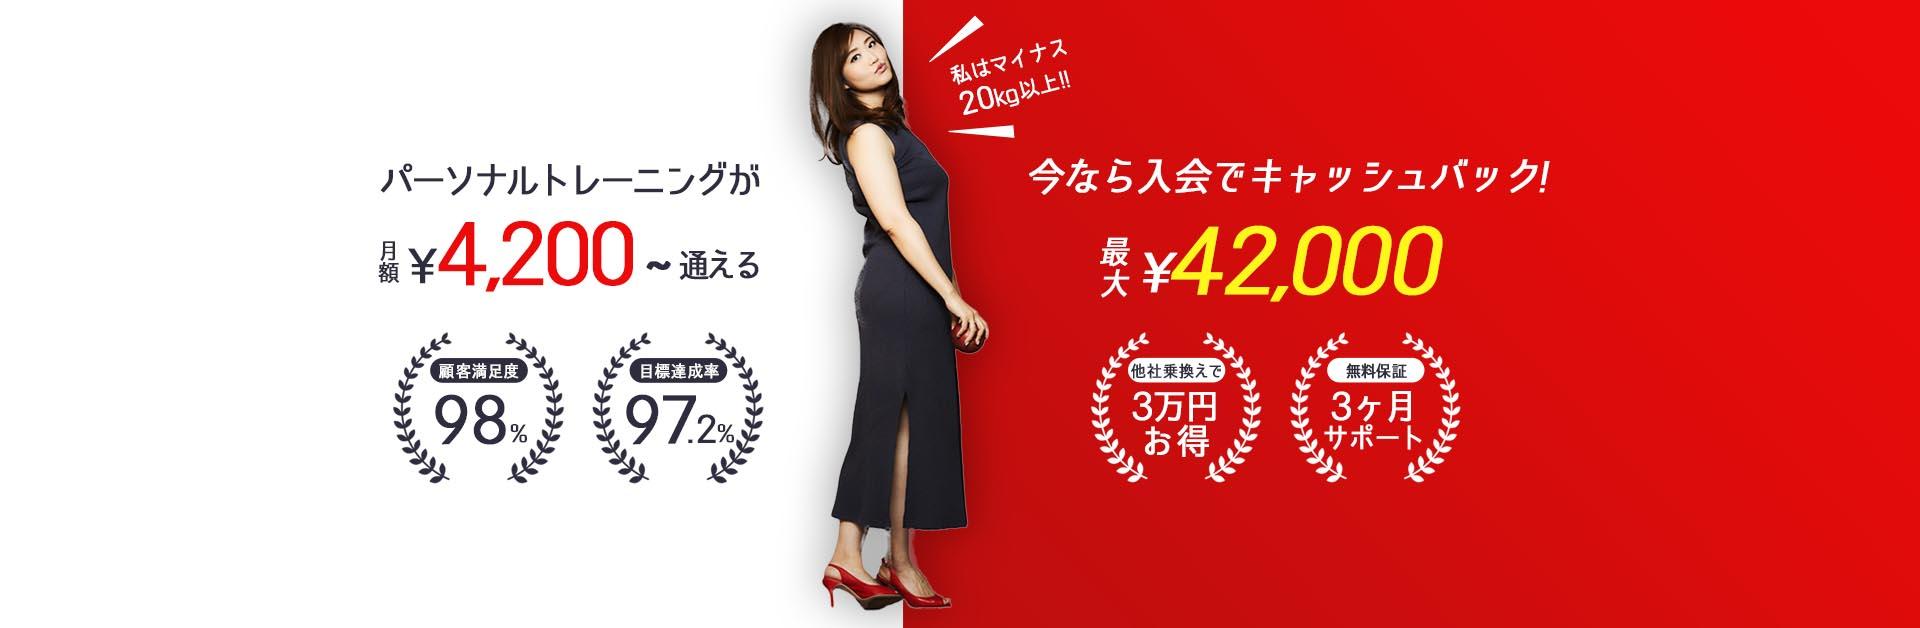 パーソナルトレーニングが月額4200円から通える!今なら入会で20000円キャッシュバック!